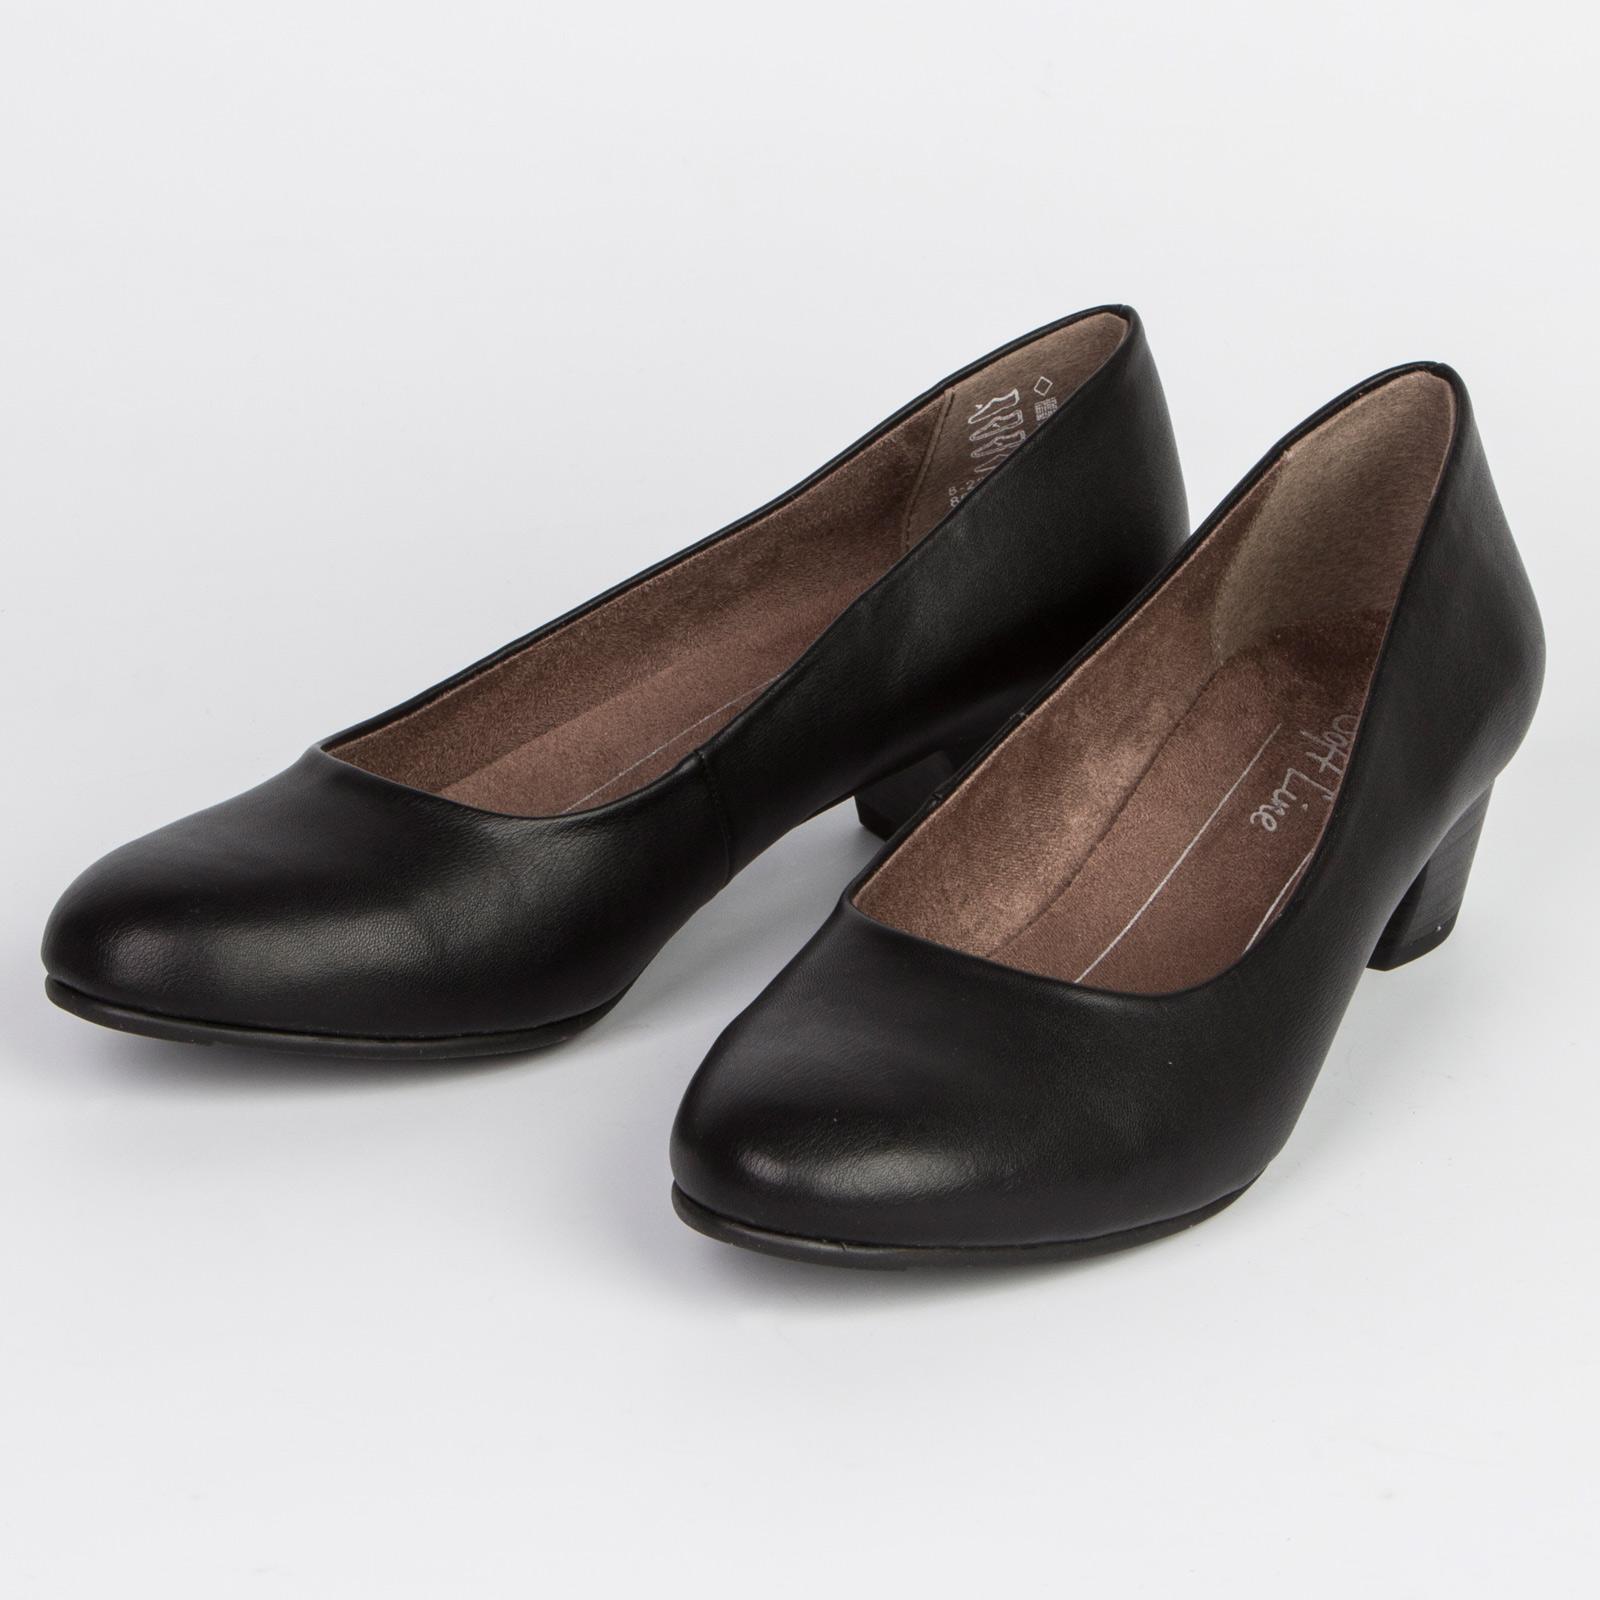 Туфли женские классические на удобном каблуке